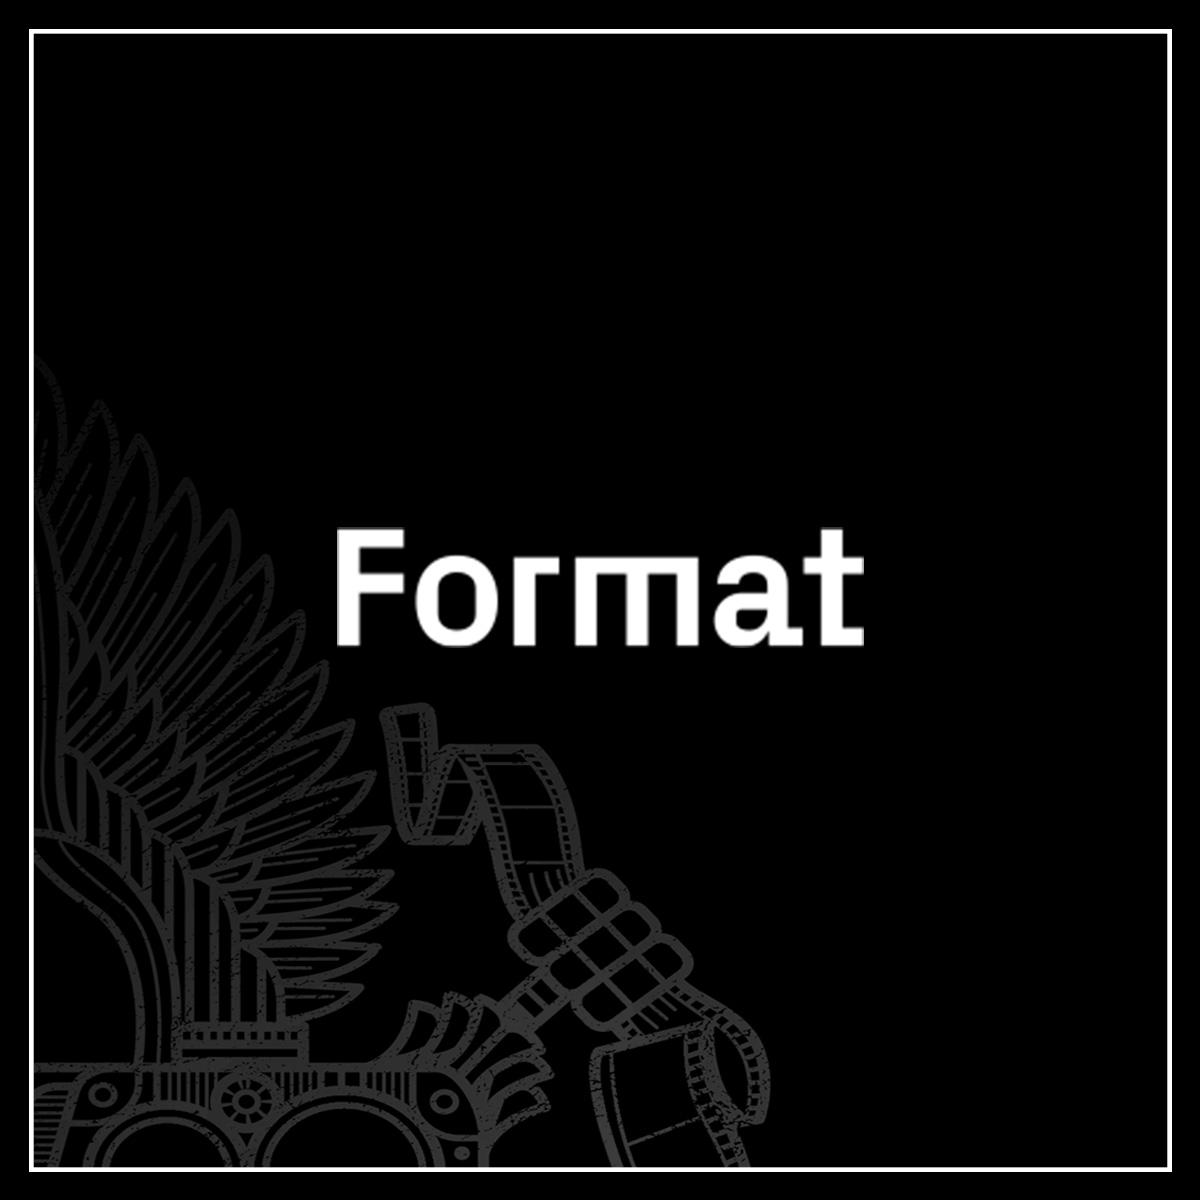 2018 Logo - Format.jpg